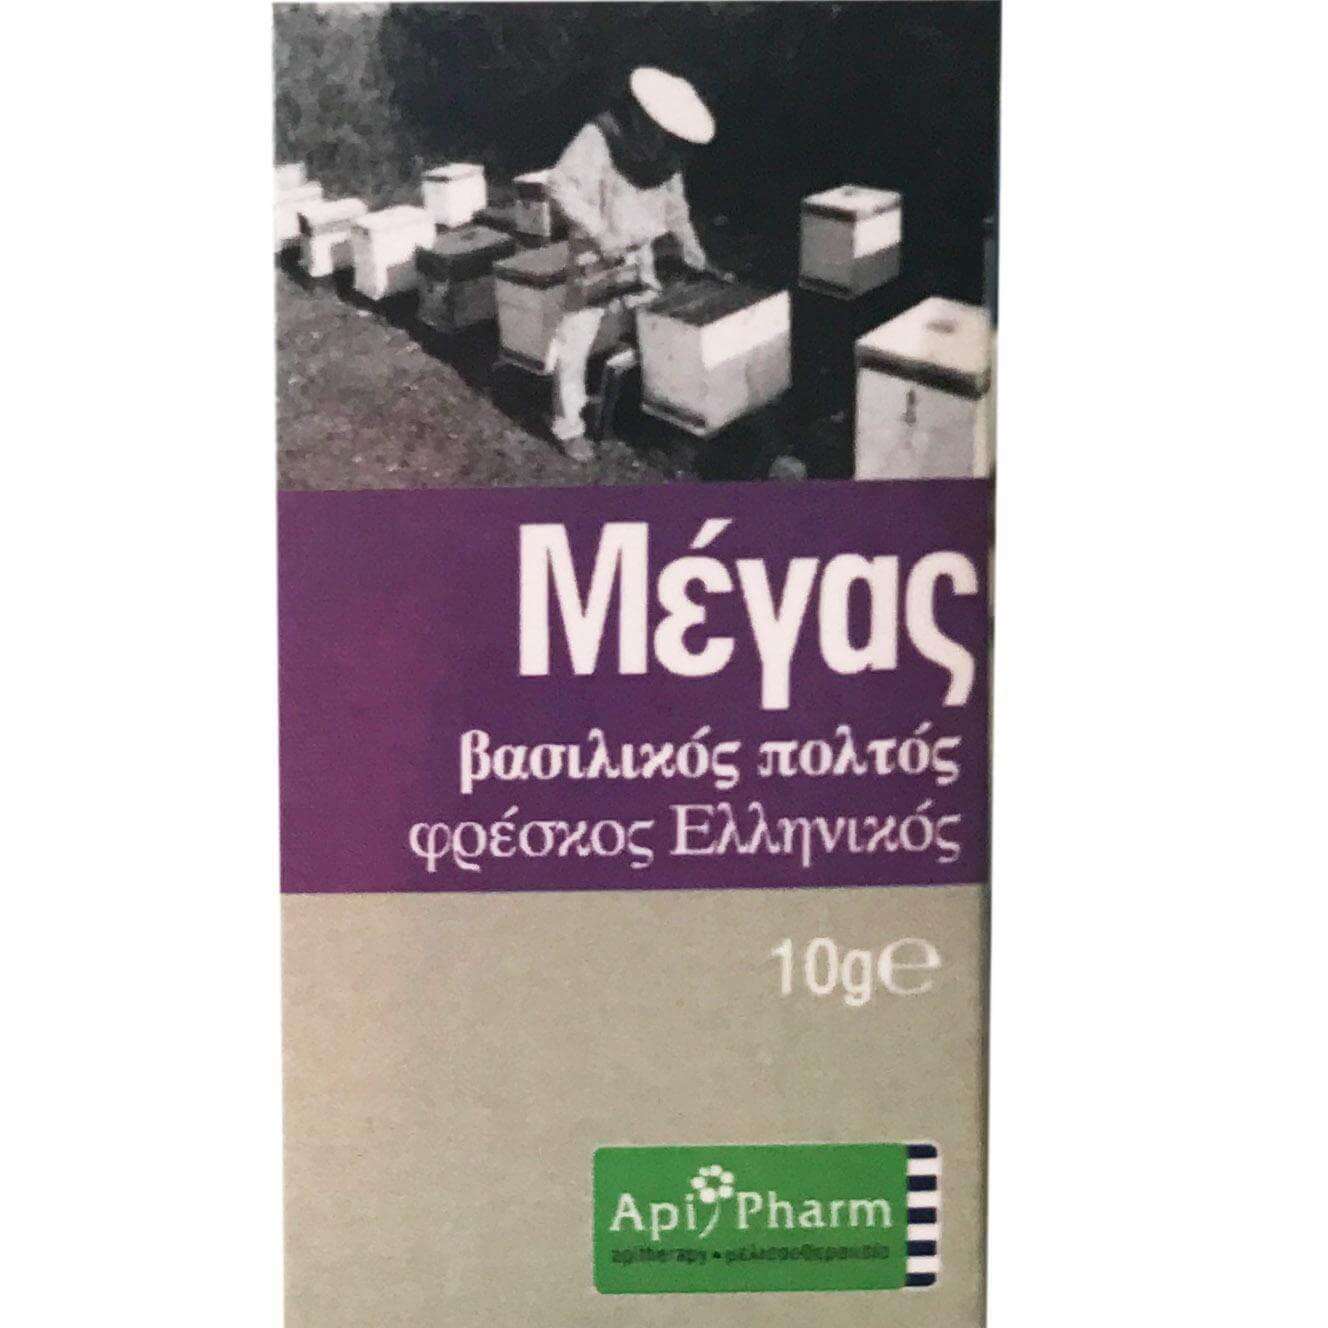 ApiPharm Μέγας Φρέσκος Ελληνικός Βασιλικός Πολτός Βιολογικής Καλλιέργειας 10gr